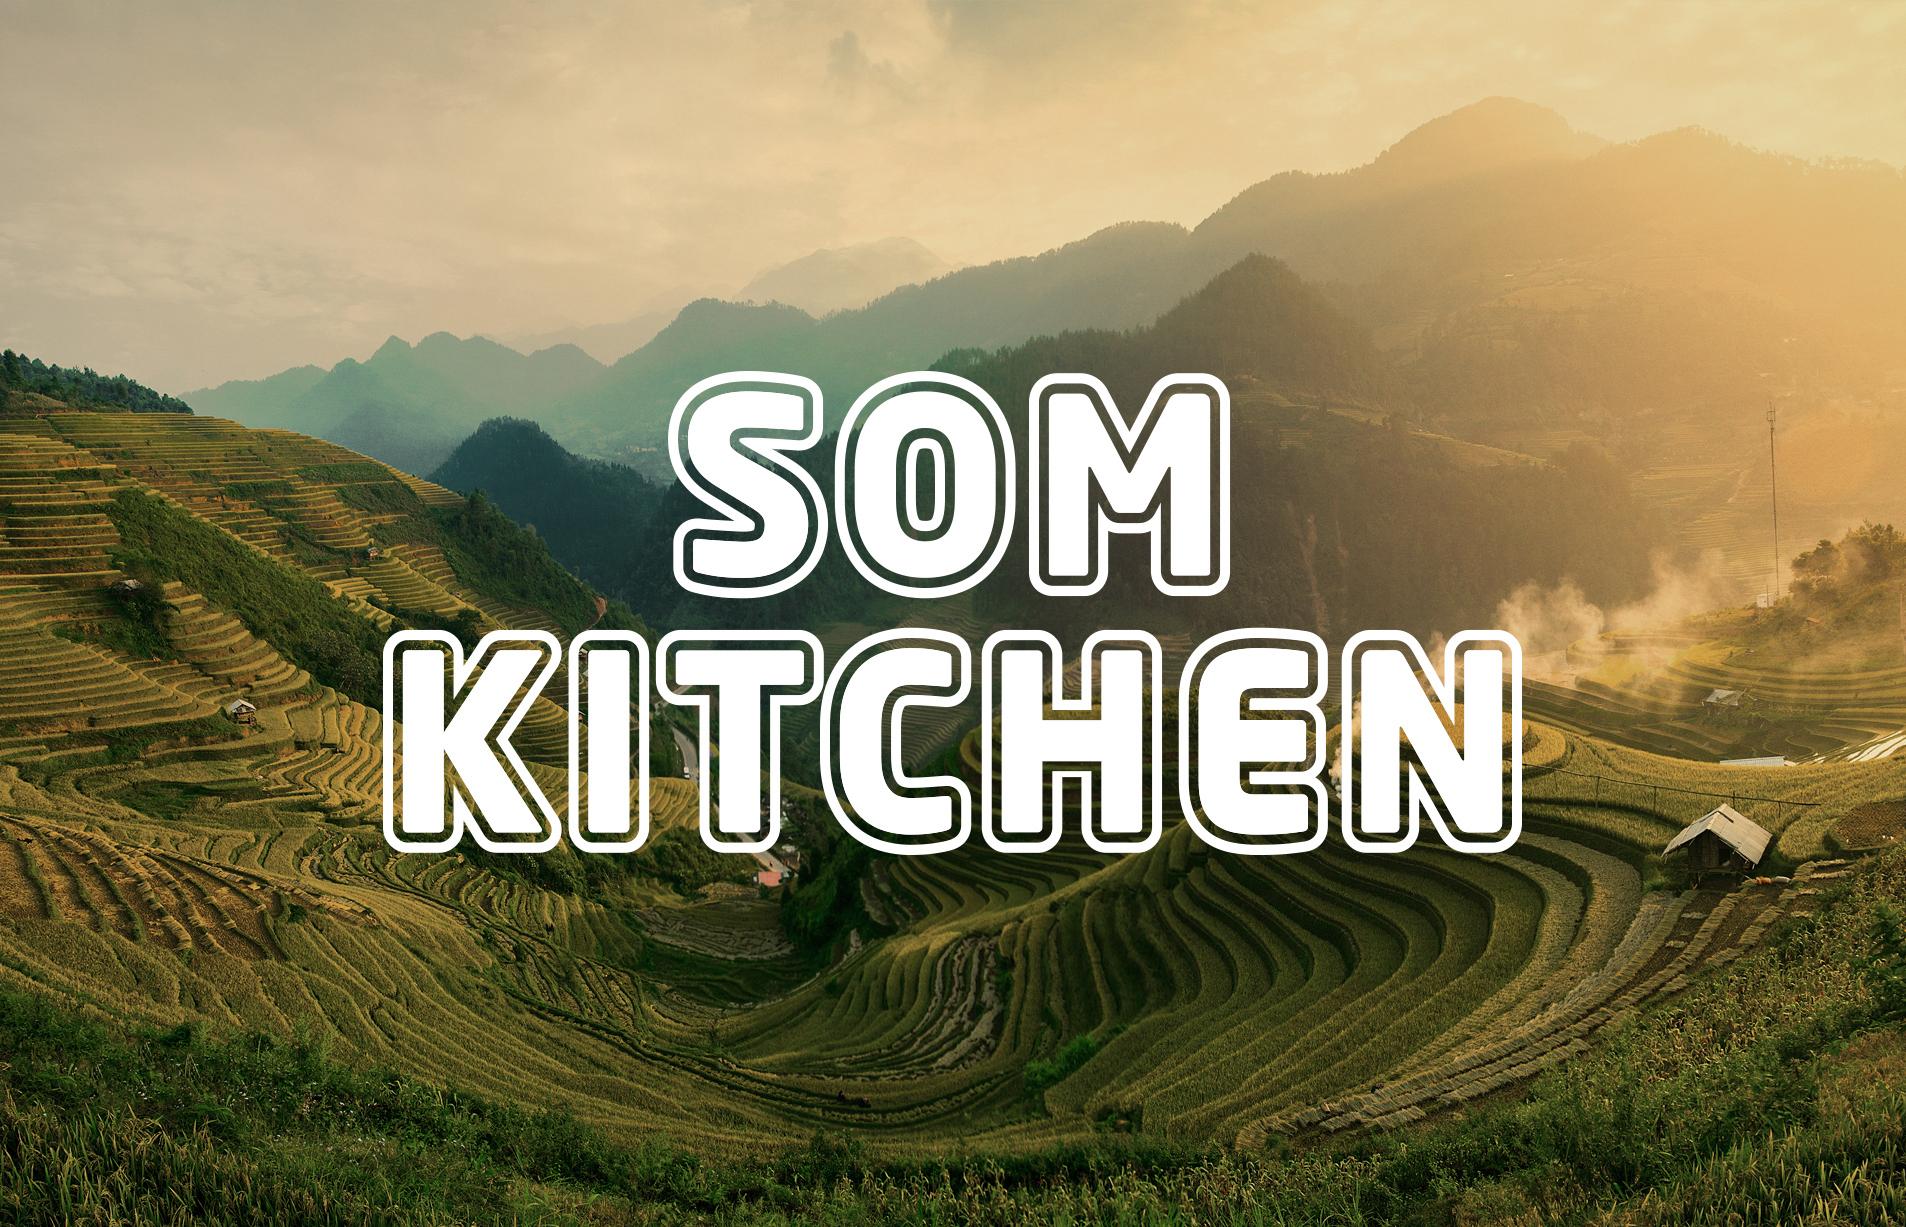 Somkitchen Logo